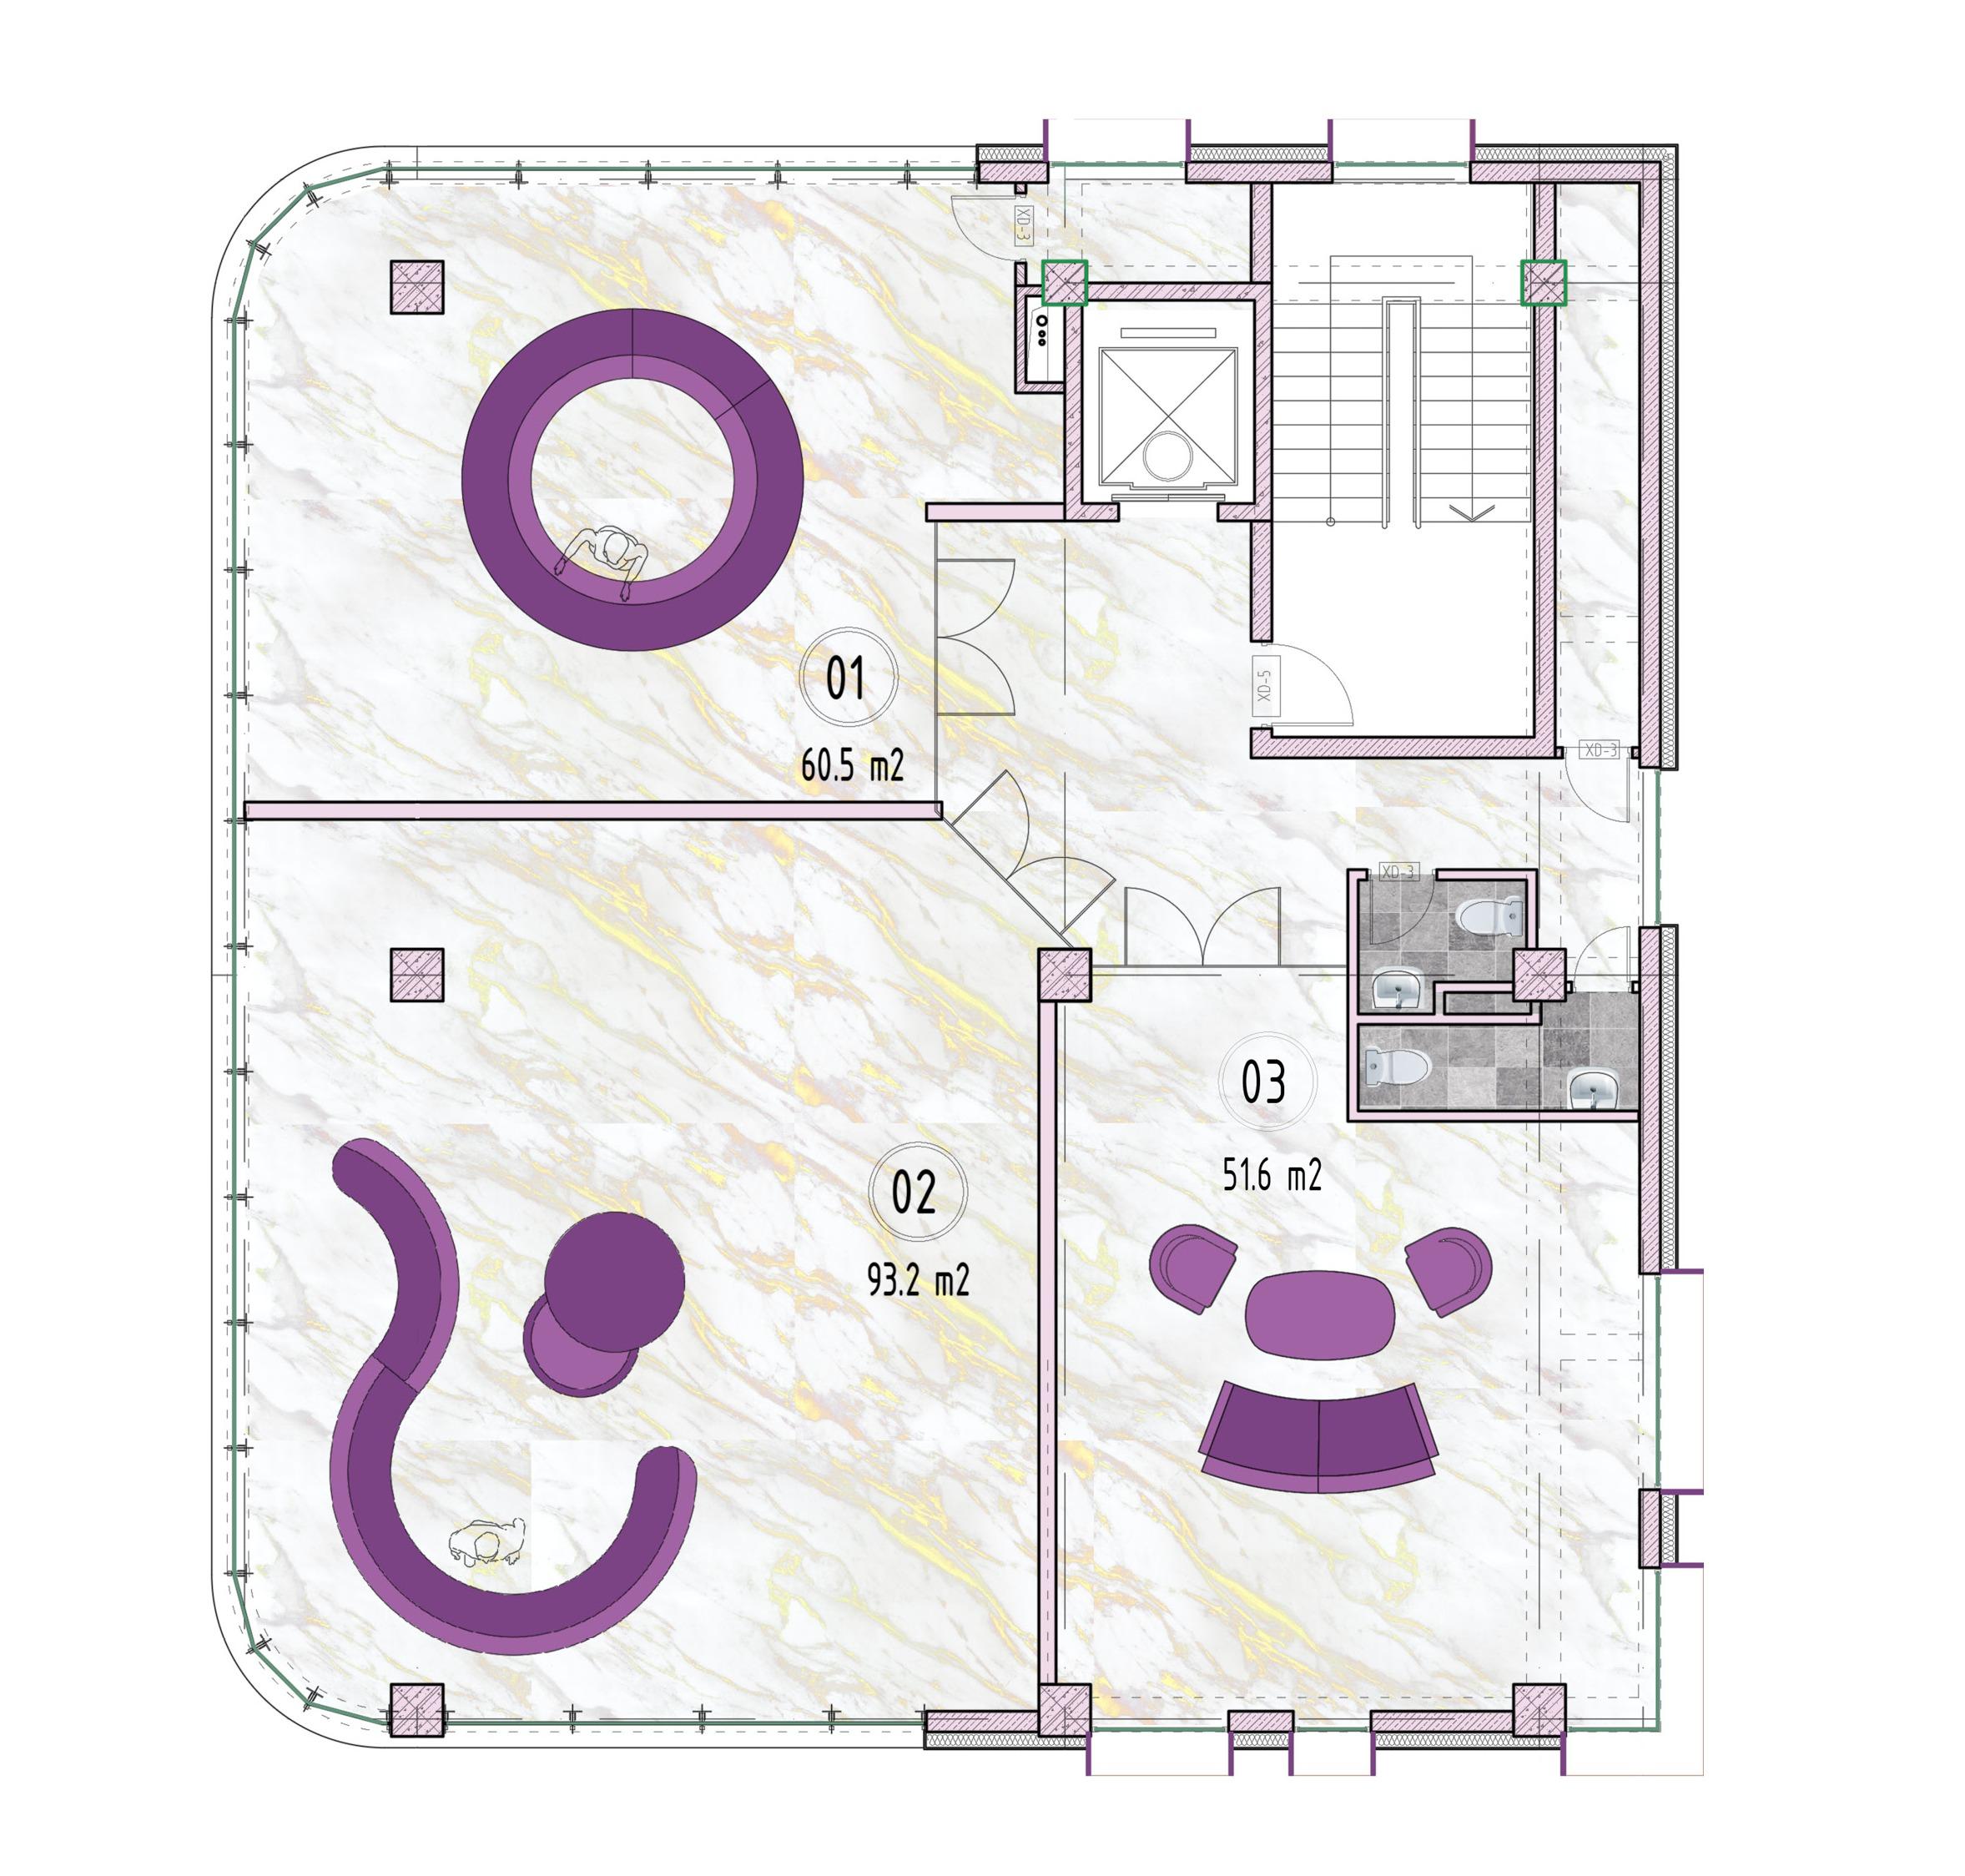 2f layout